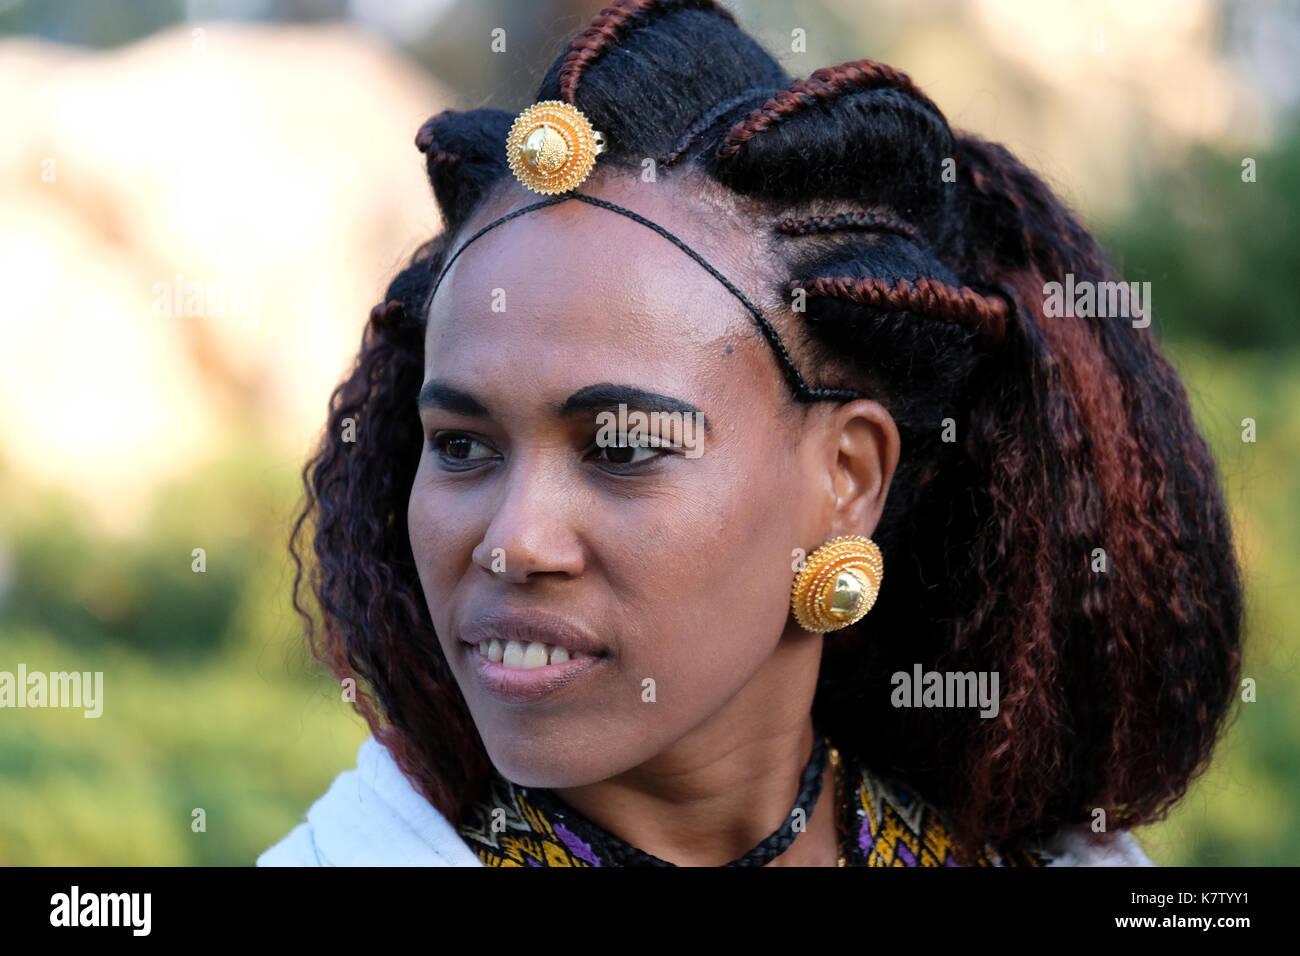 Eine Eritreische Frau Mit Traditionellen Frisur Stockfoto Bild